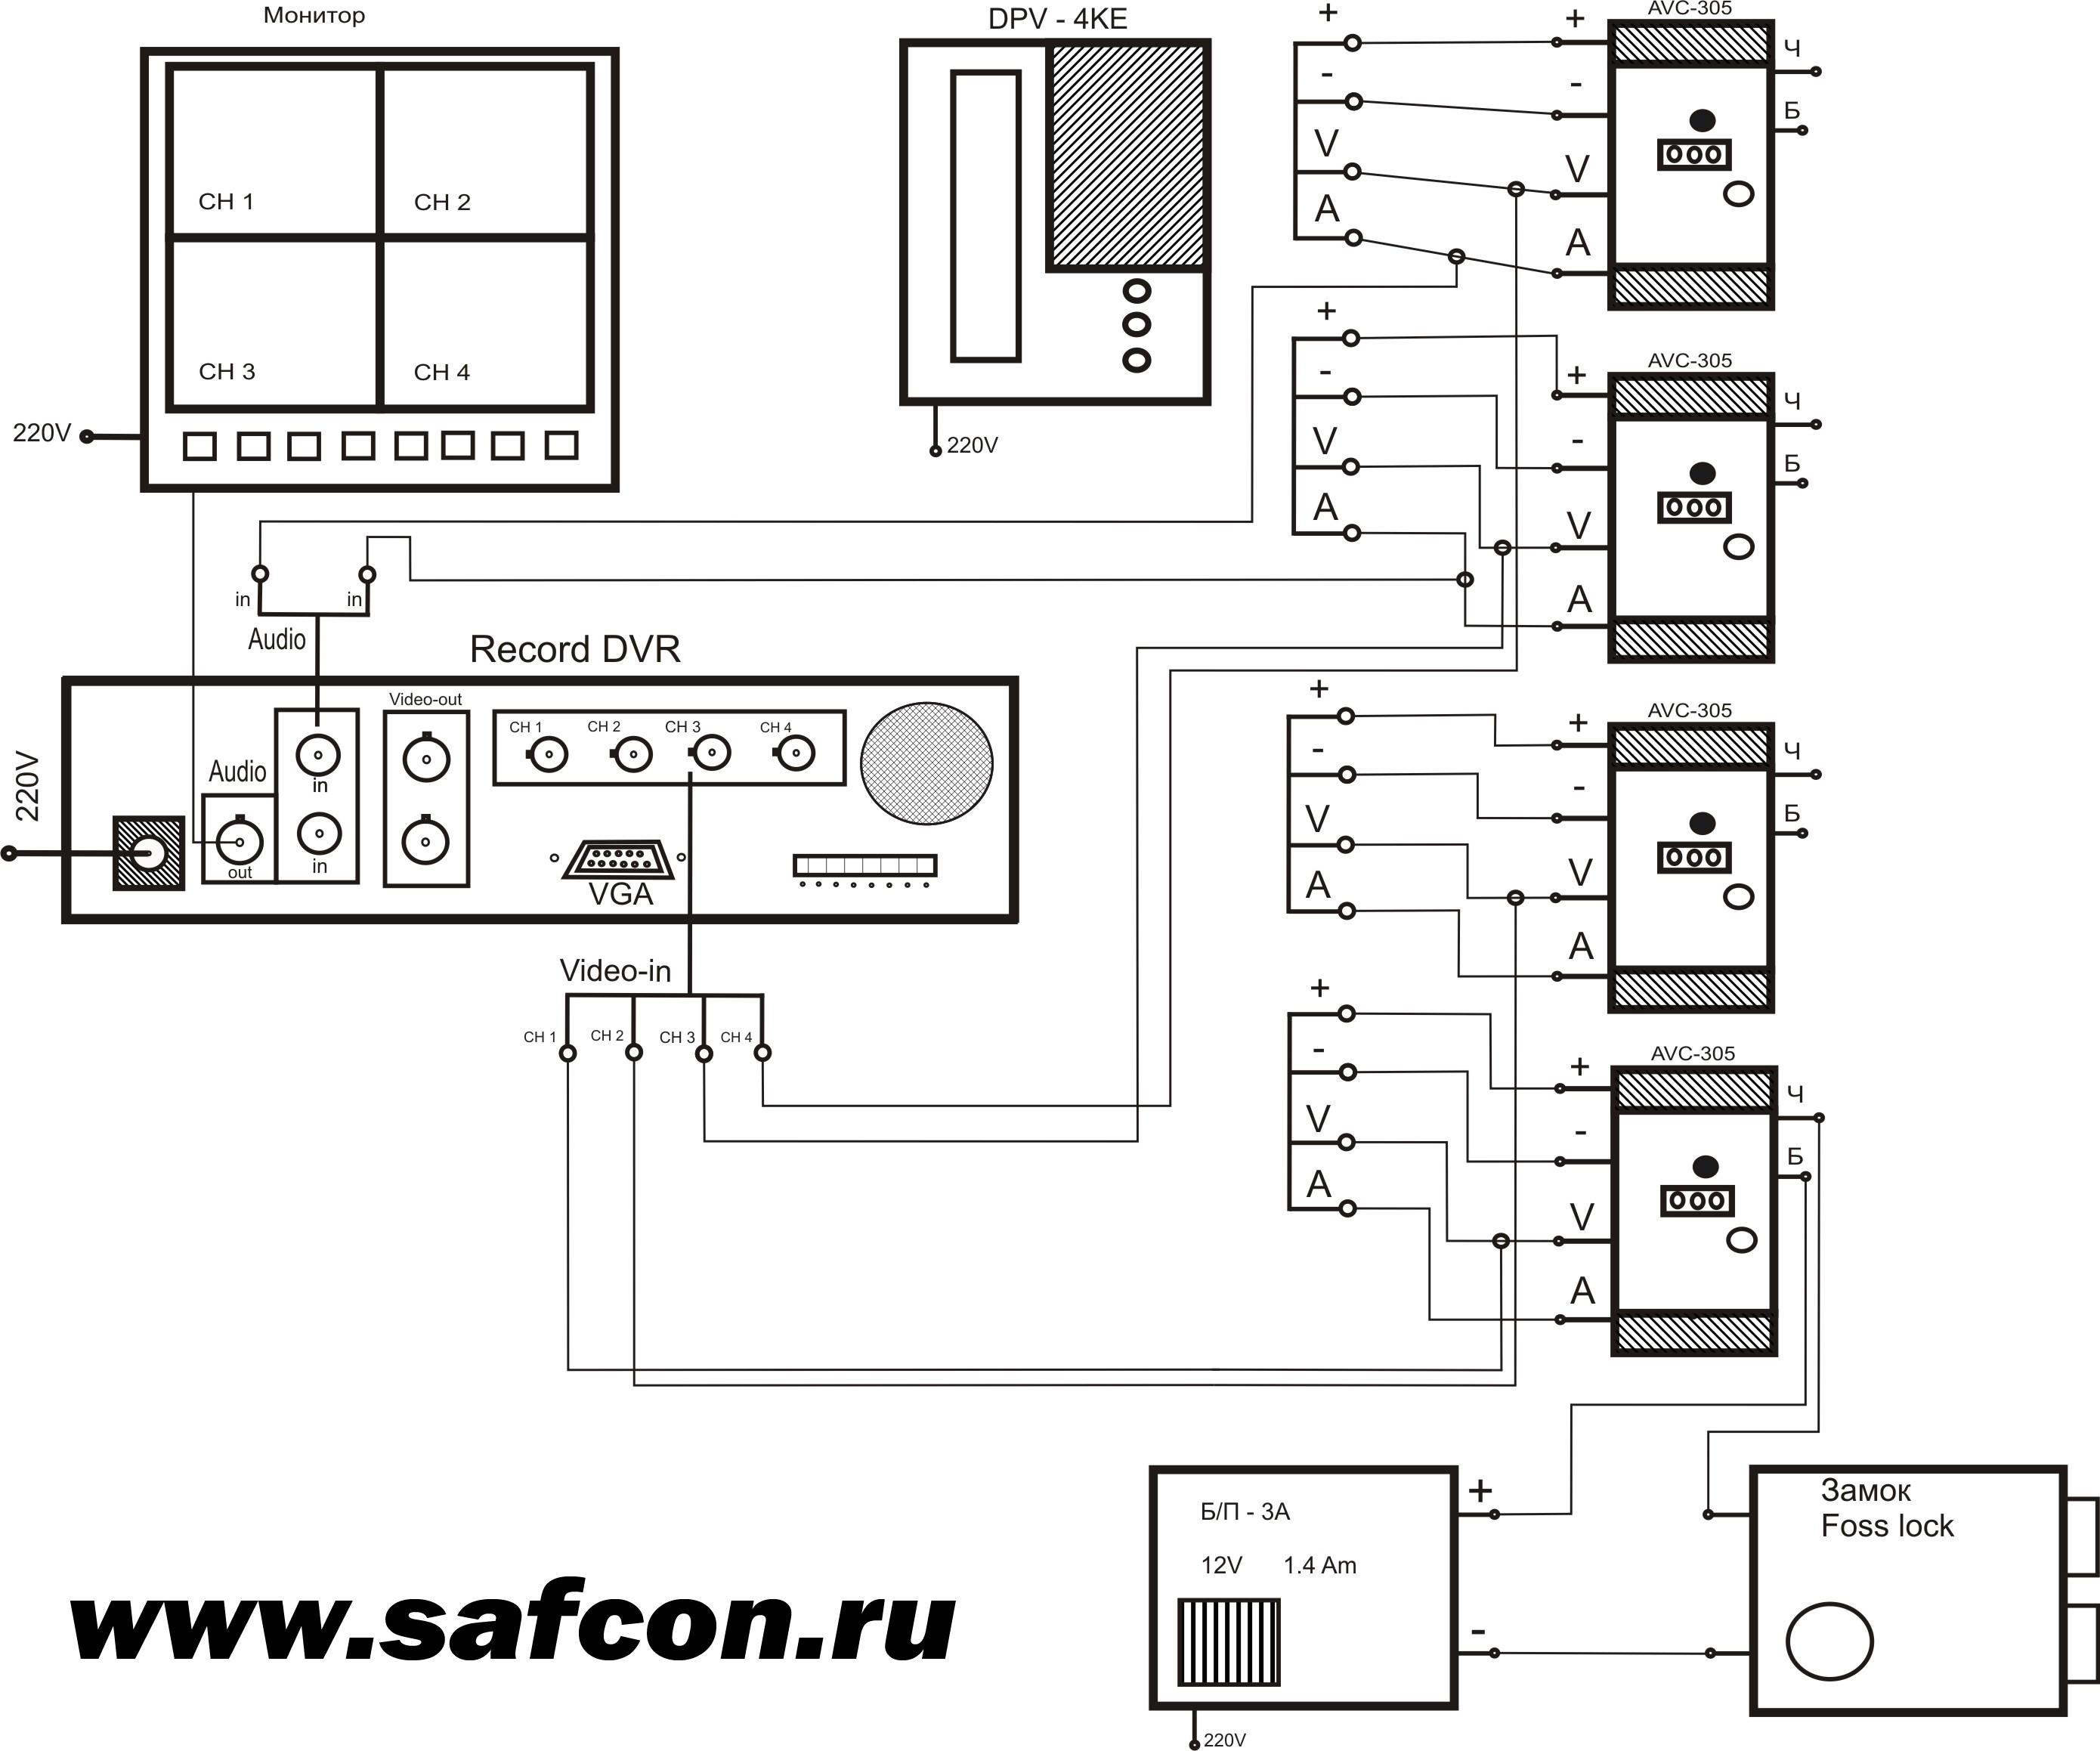 Схема блока питания домофона gardi nota